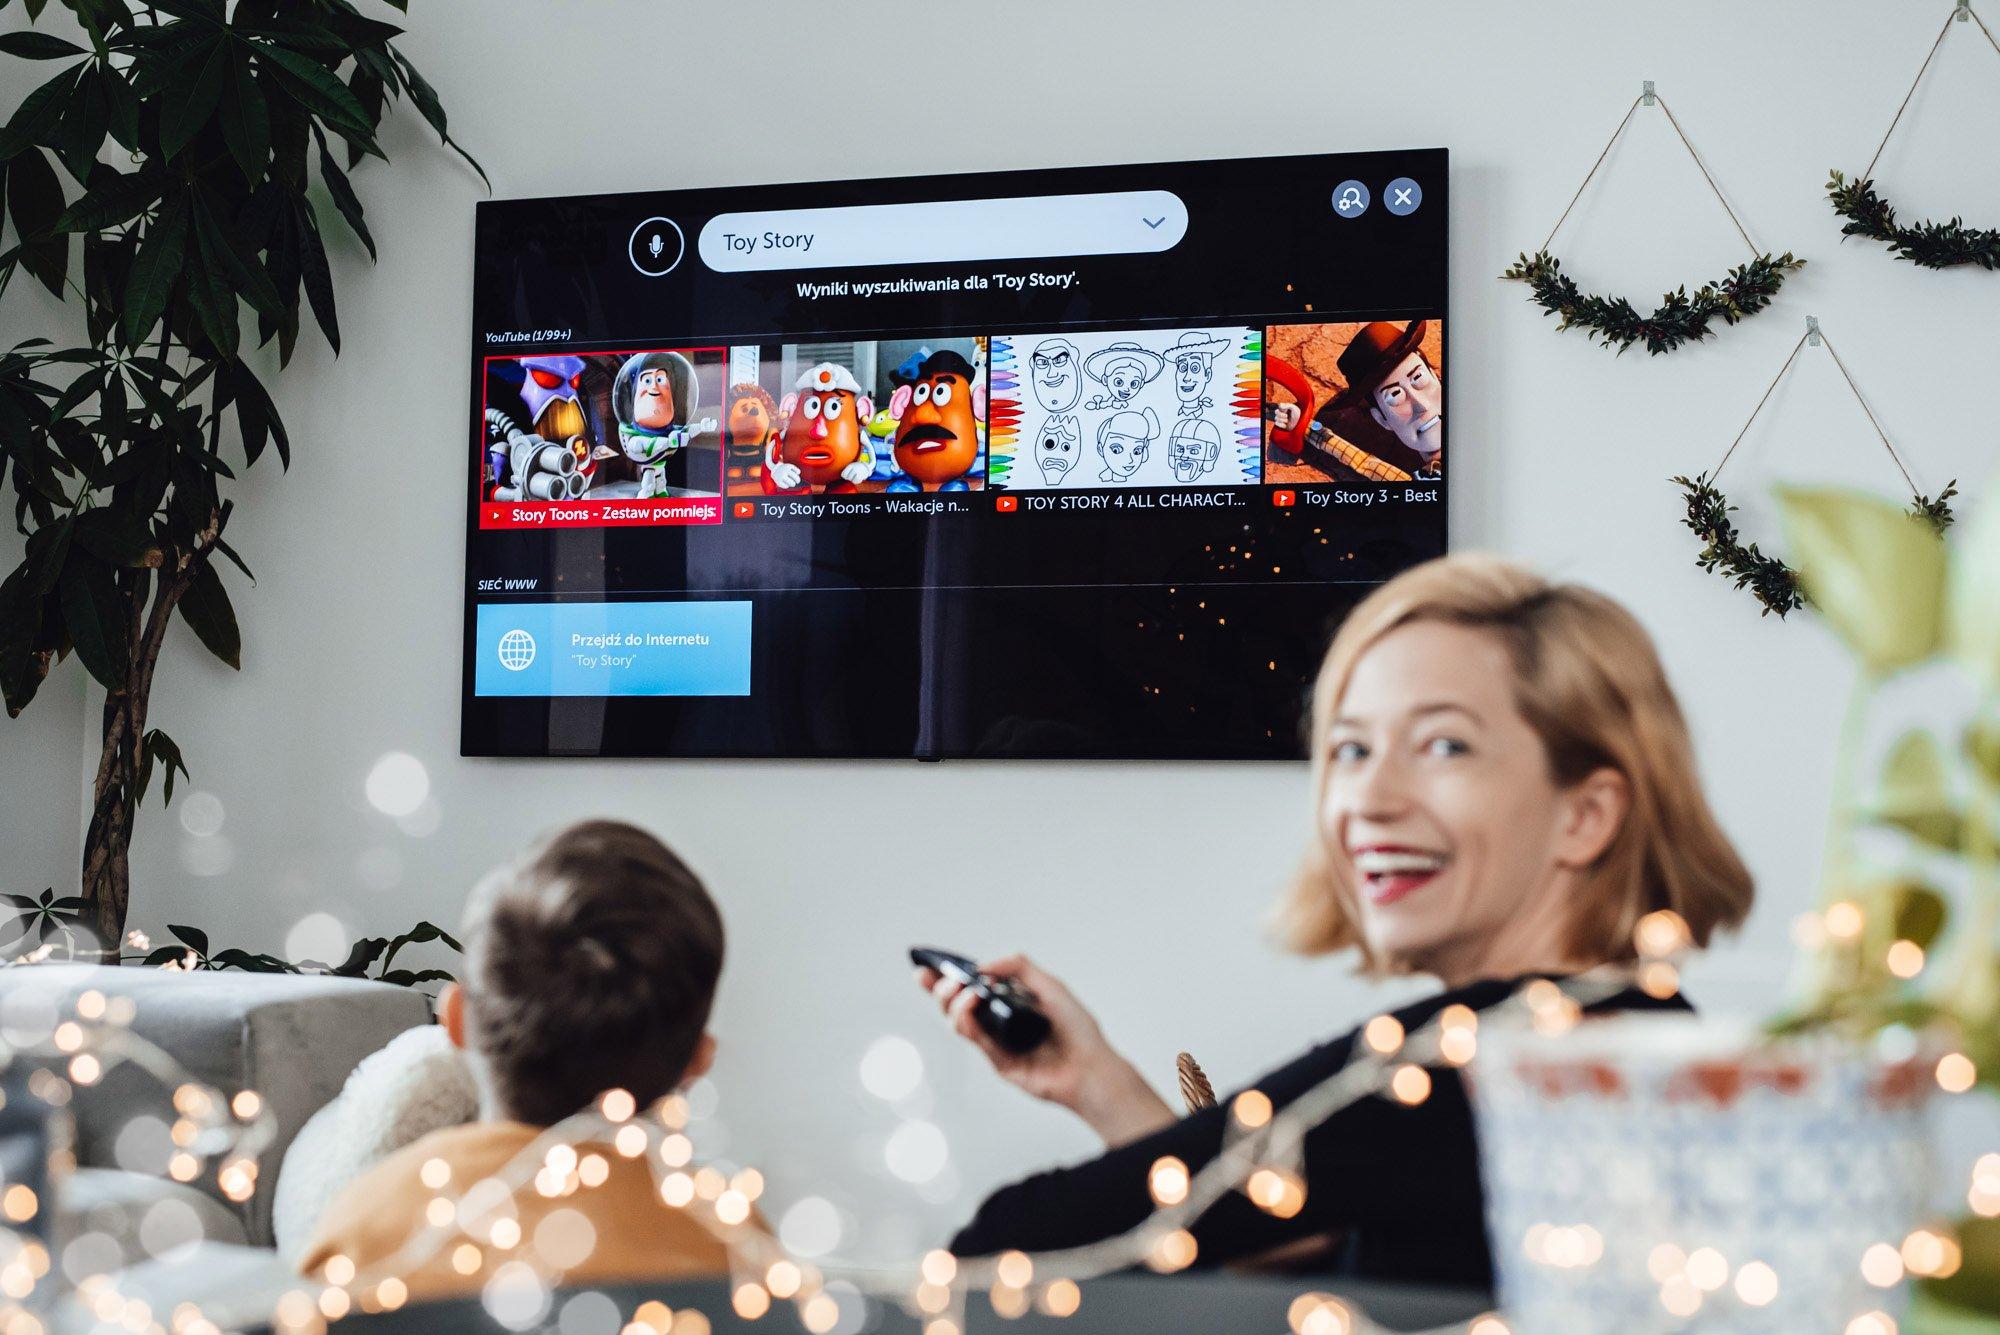 LG OLED TV 9C